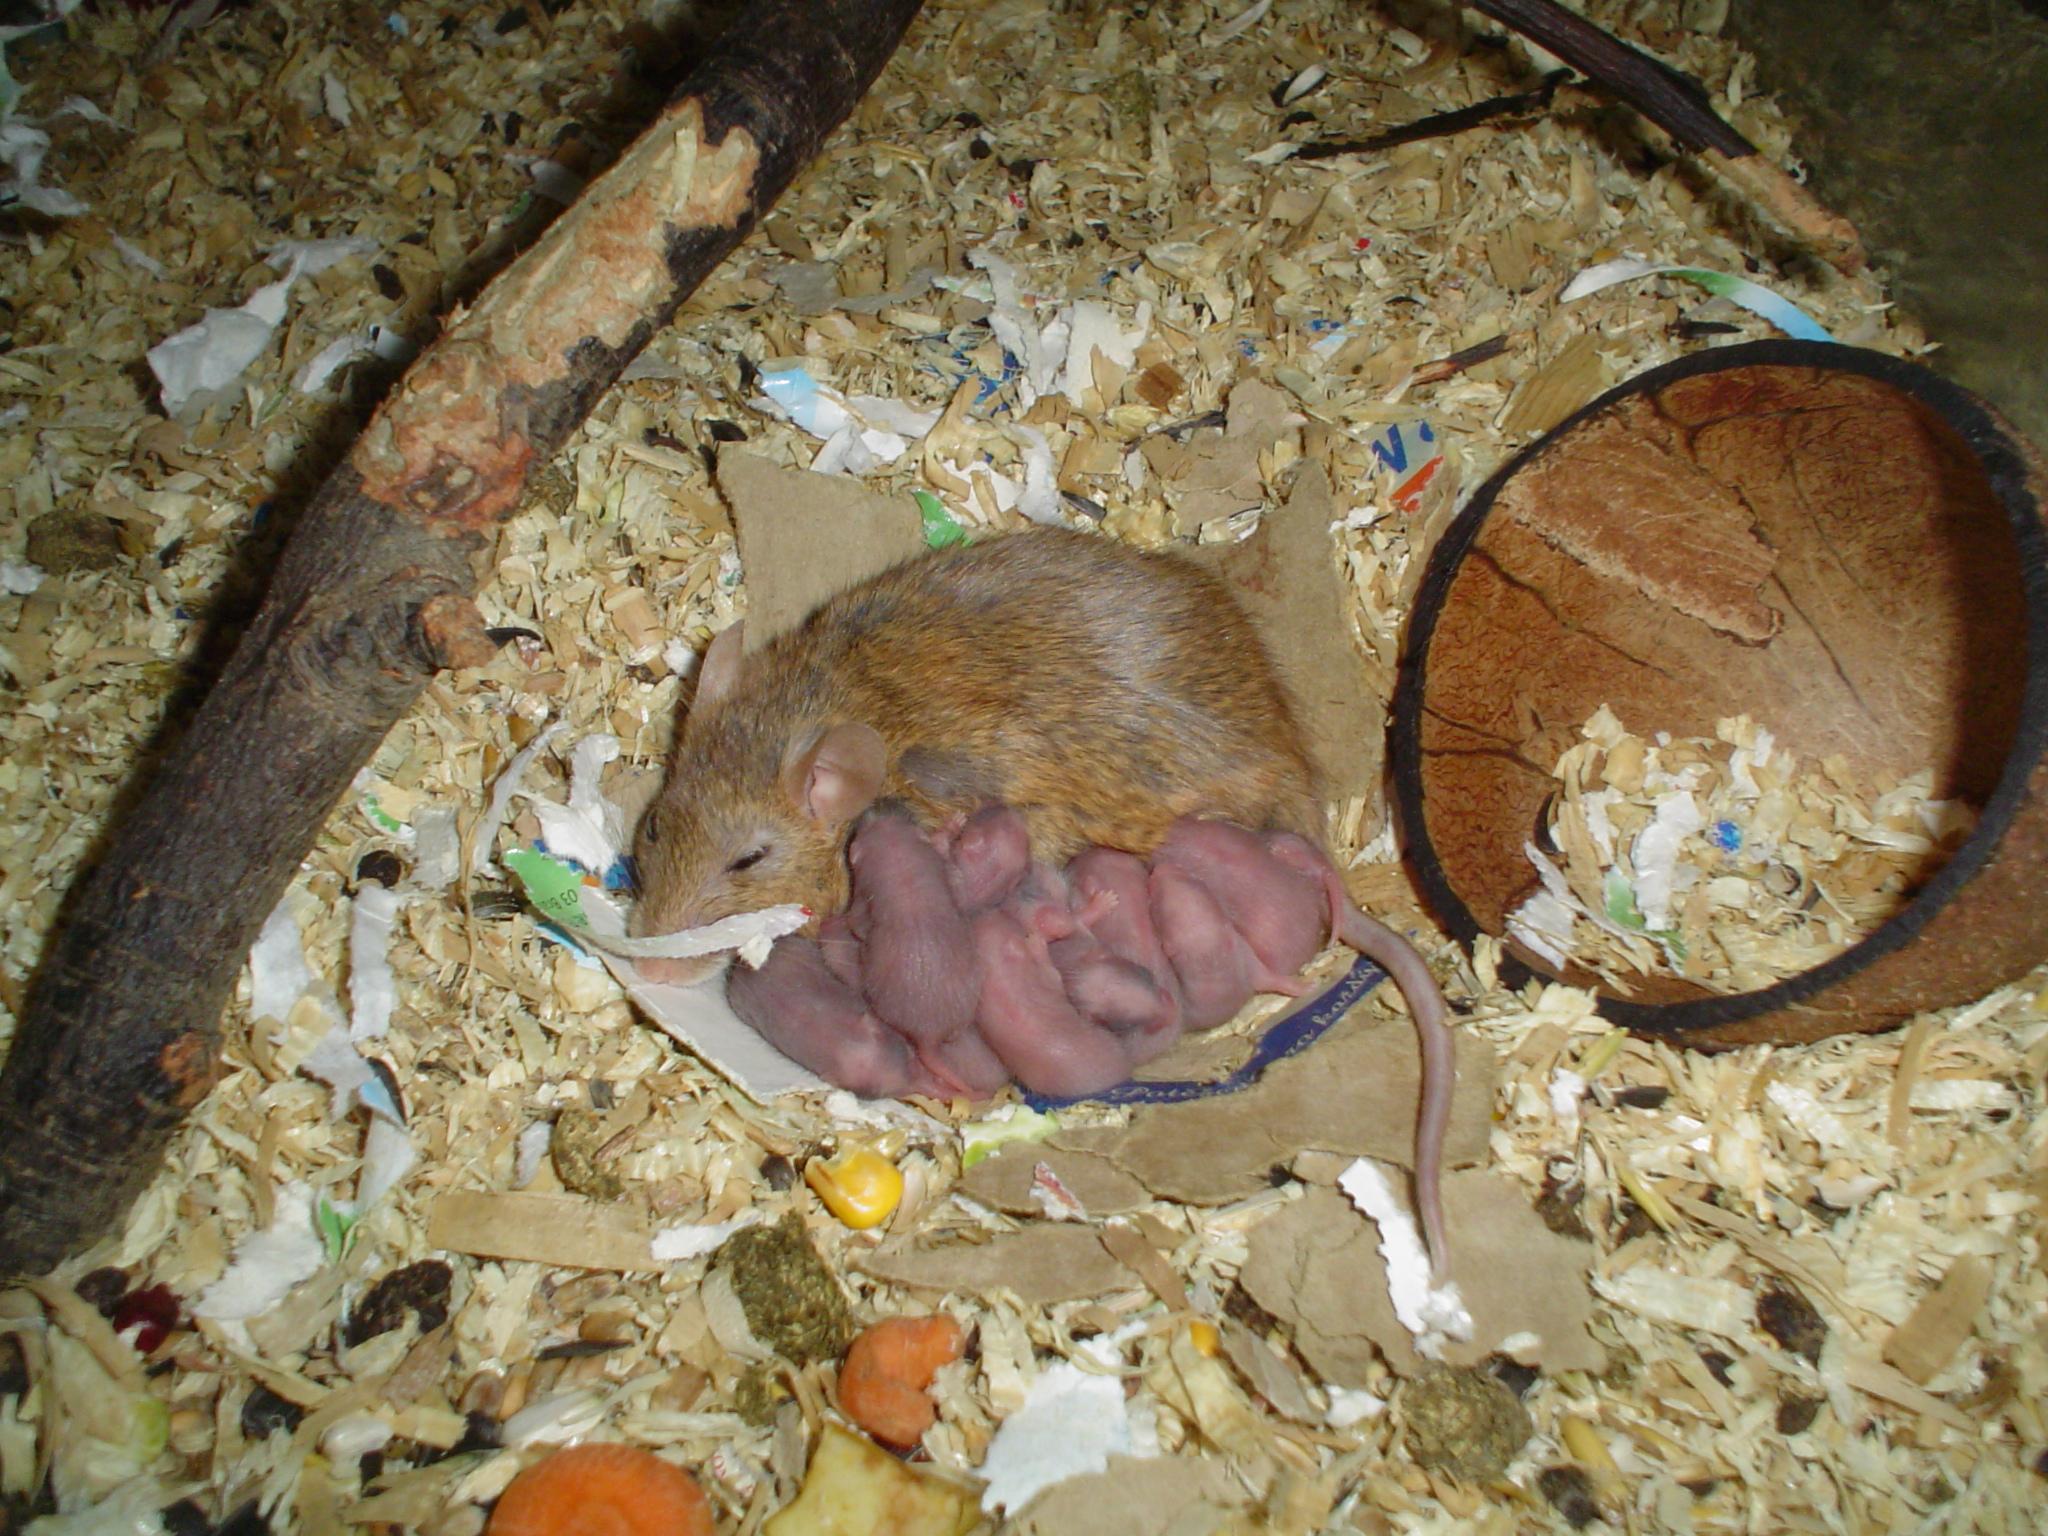 Маленькая серенькая мышка во сне трактуется фрейдом как скрытое сексуальное желание, которому вы не даёте выхода.